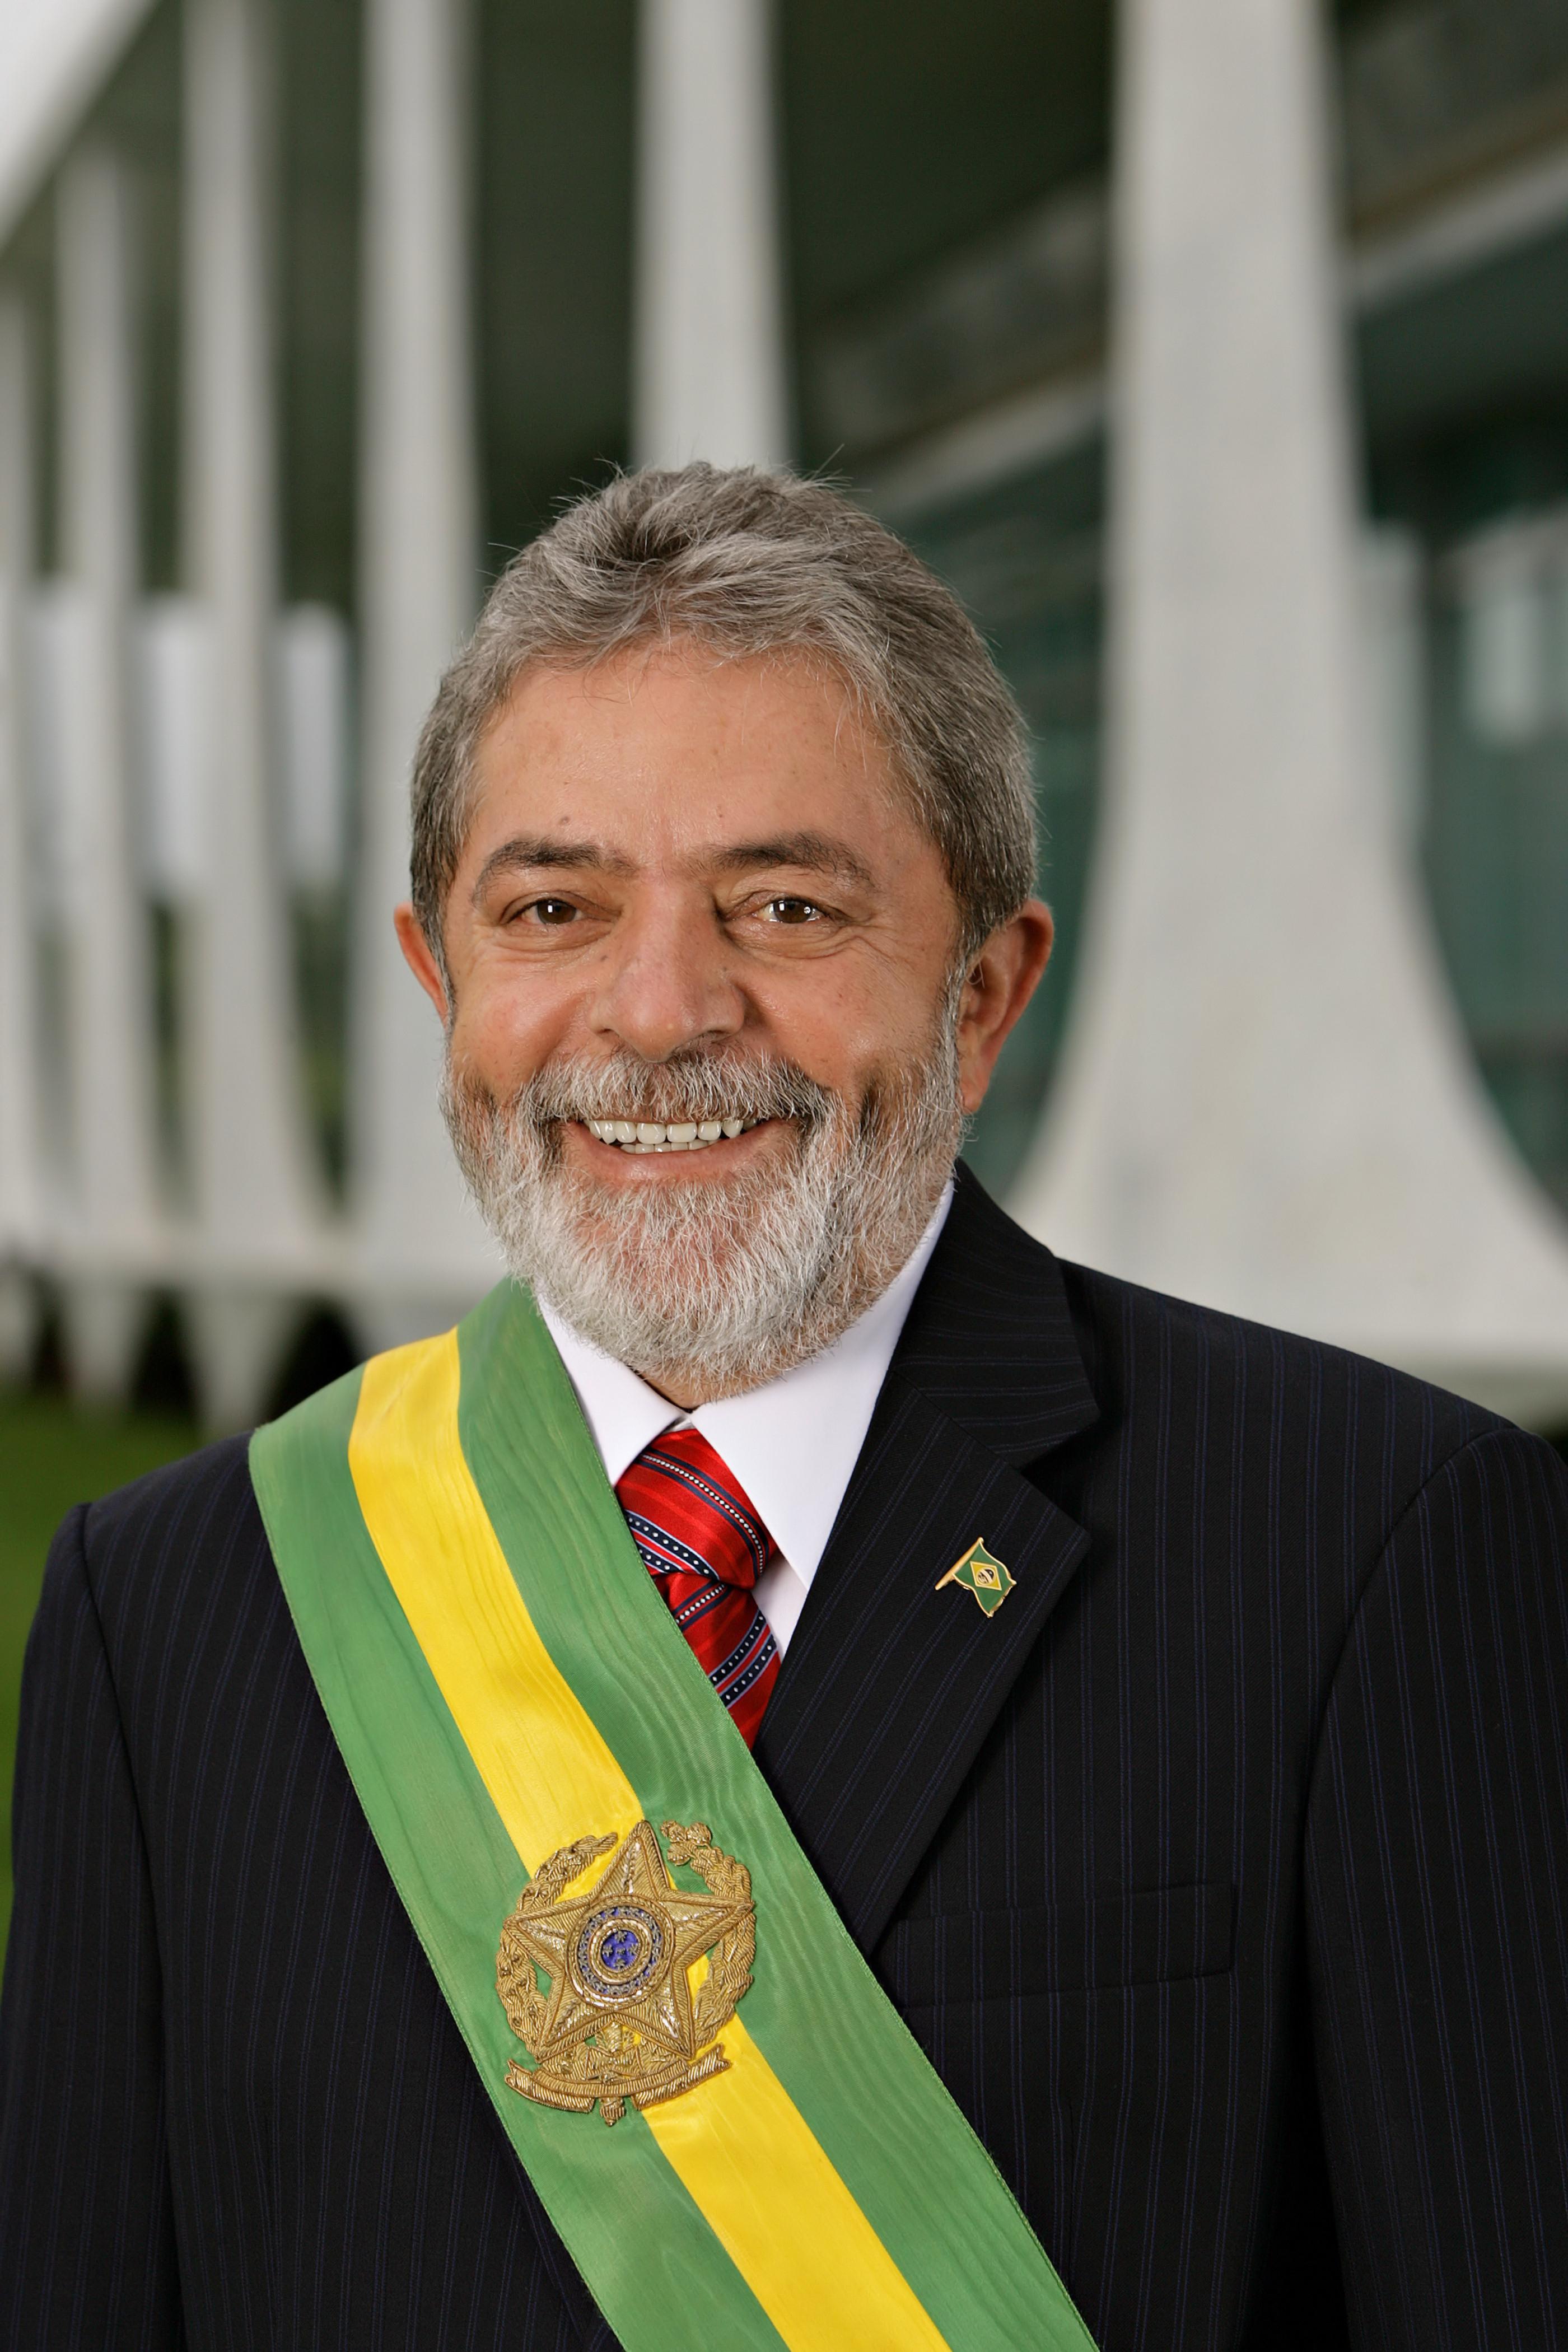 Luiz Inacio Lula da Silva's quote #2